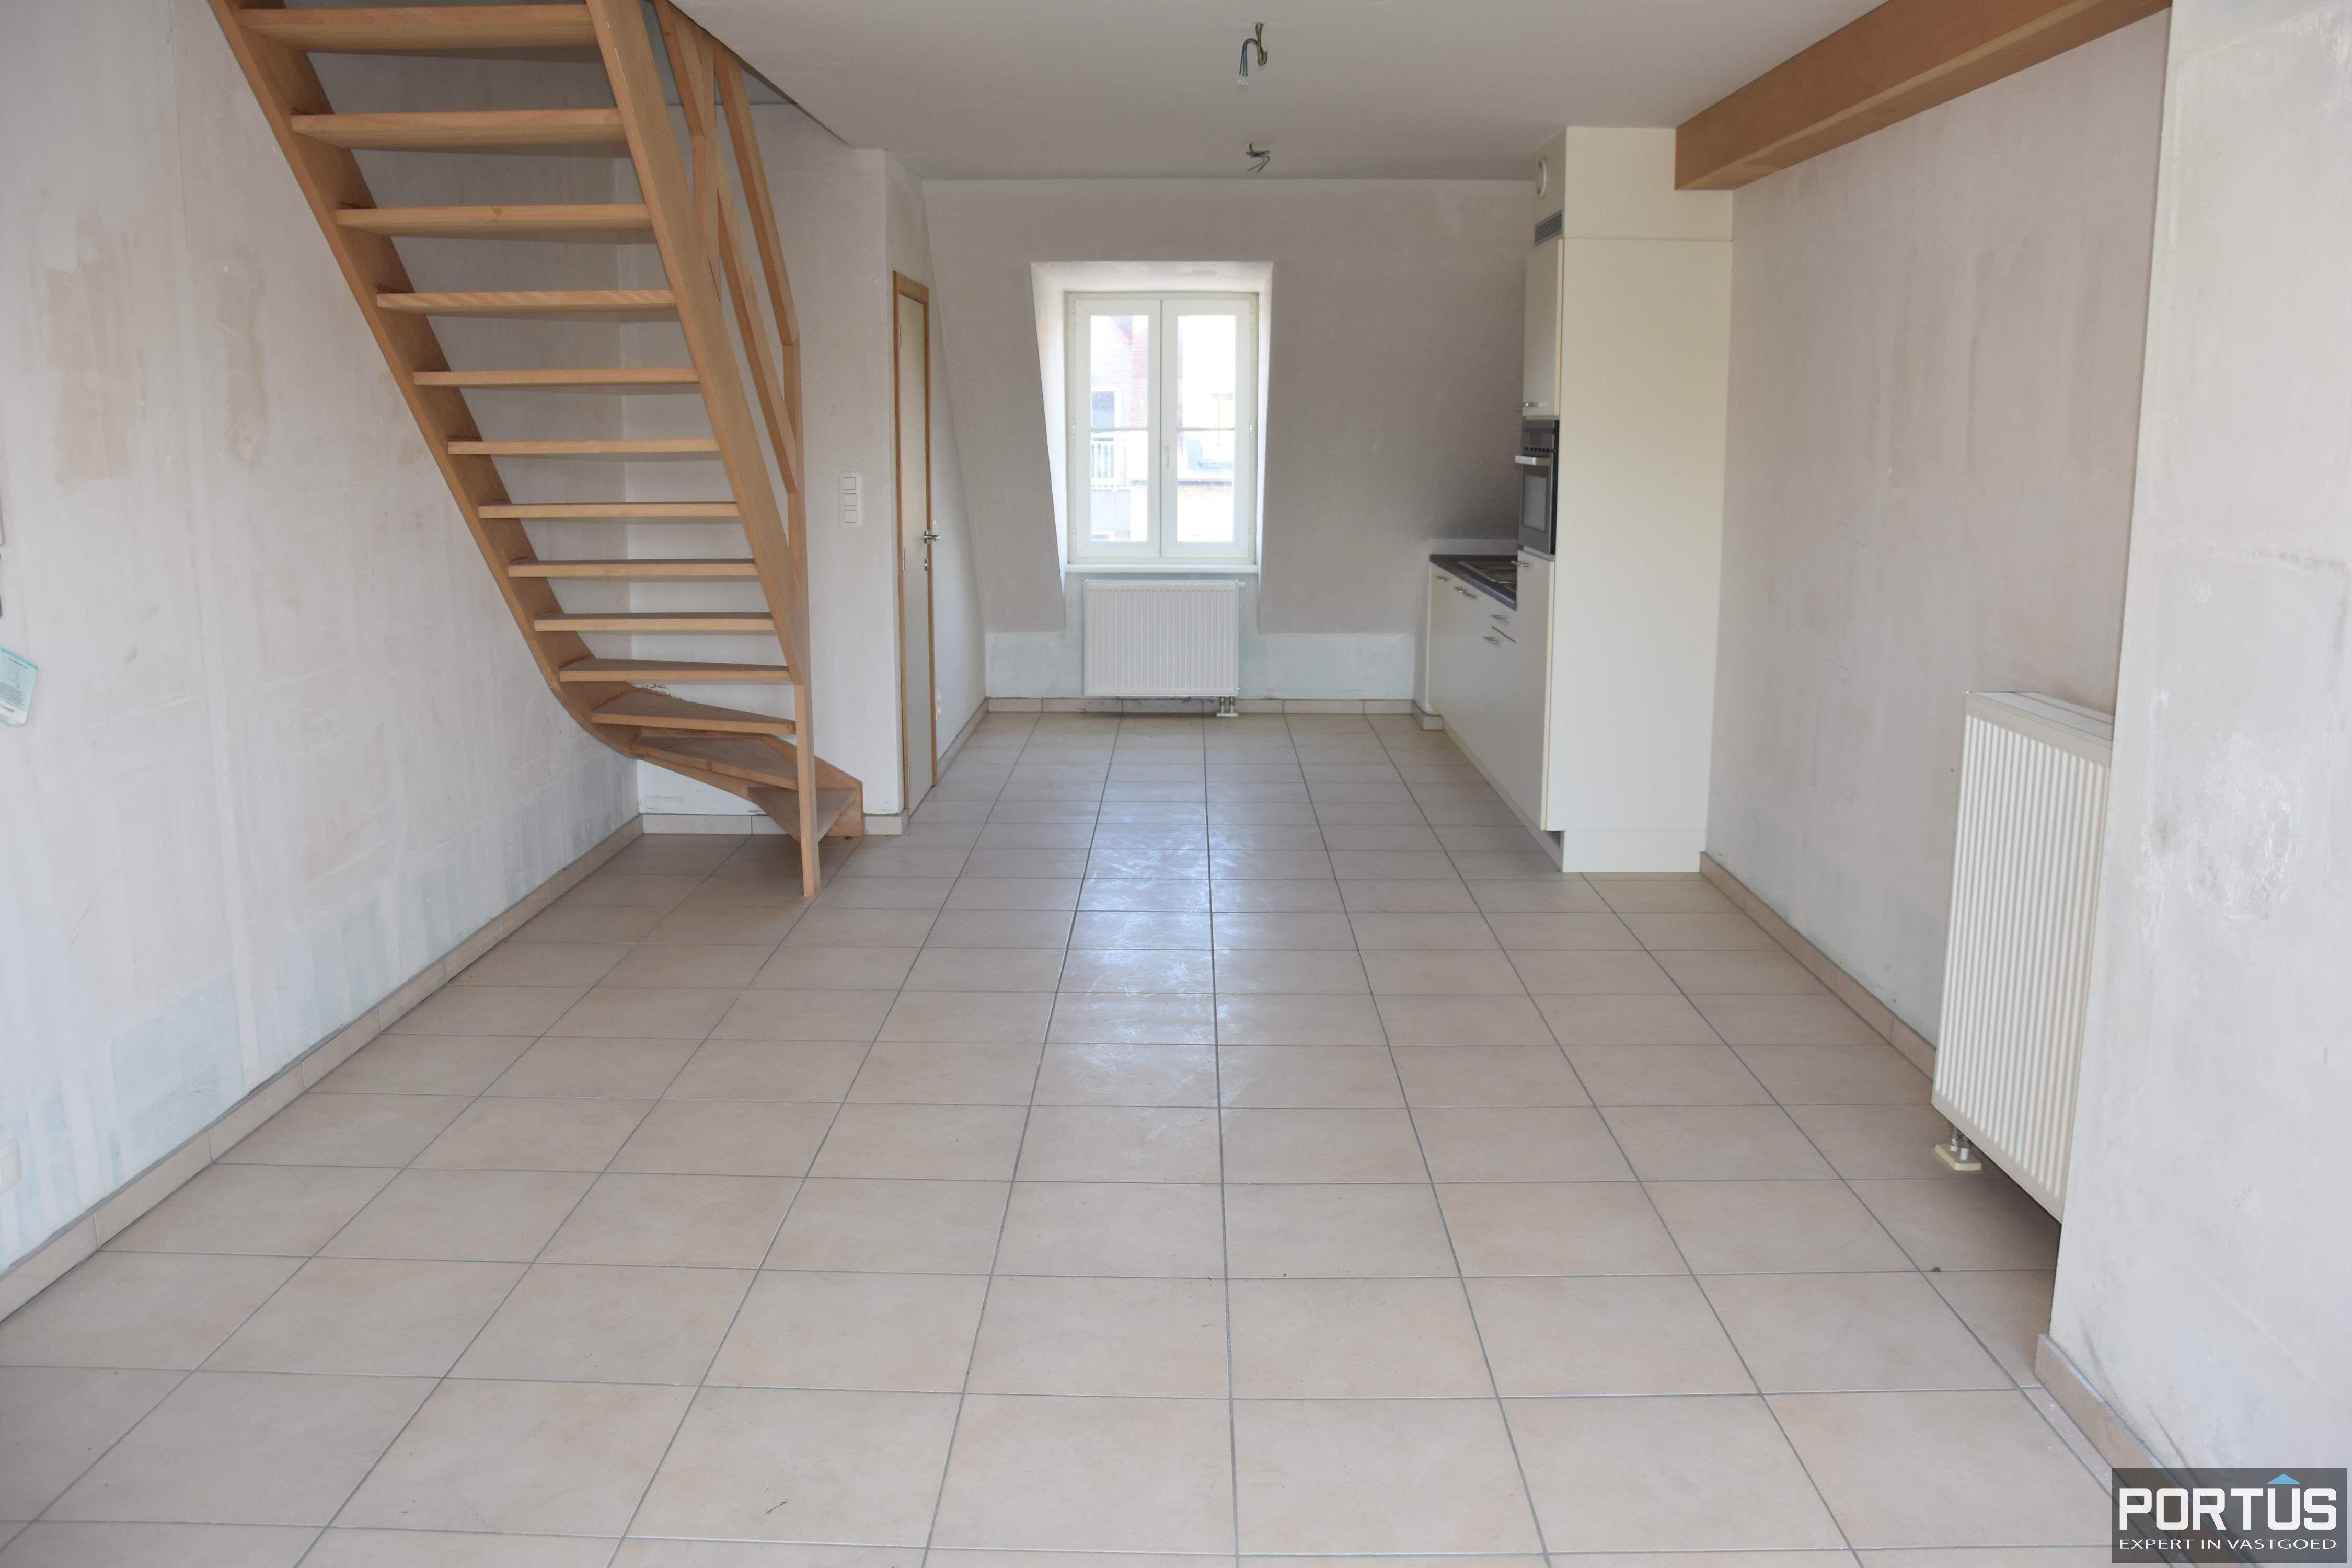 Duplex-appartement met 1 slaapkamer en terras te koop Nieuwpoort - 9360